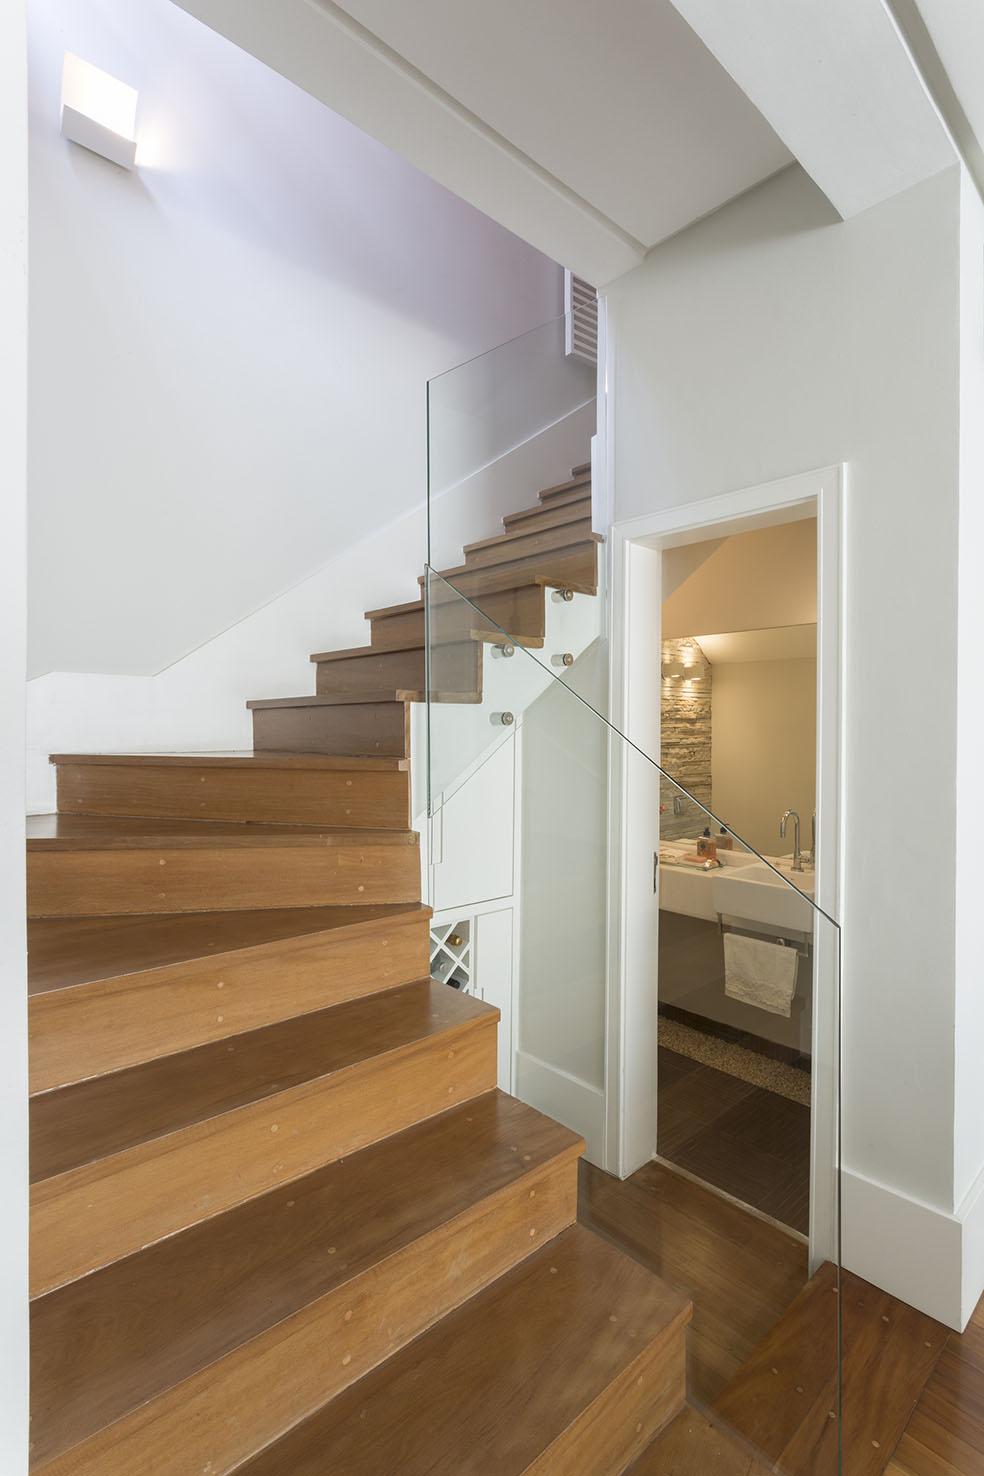 Escada e lavabo